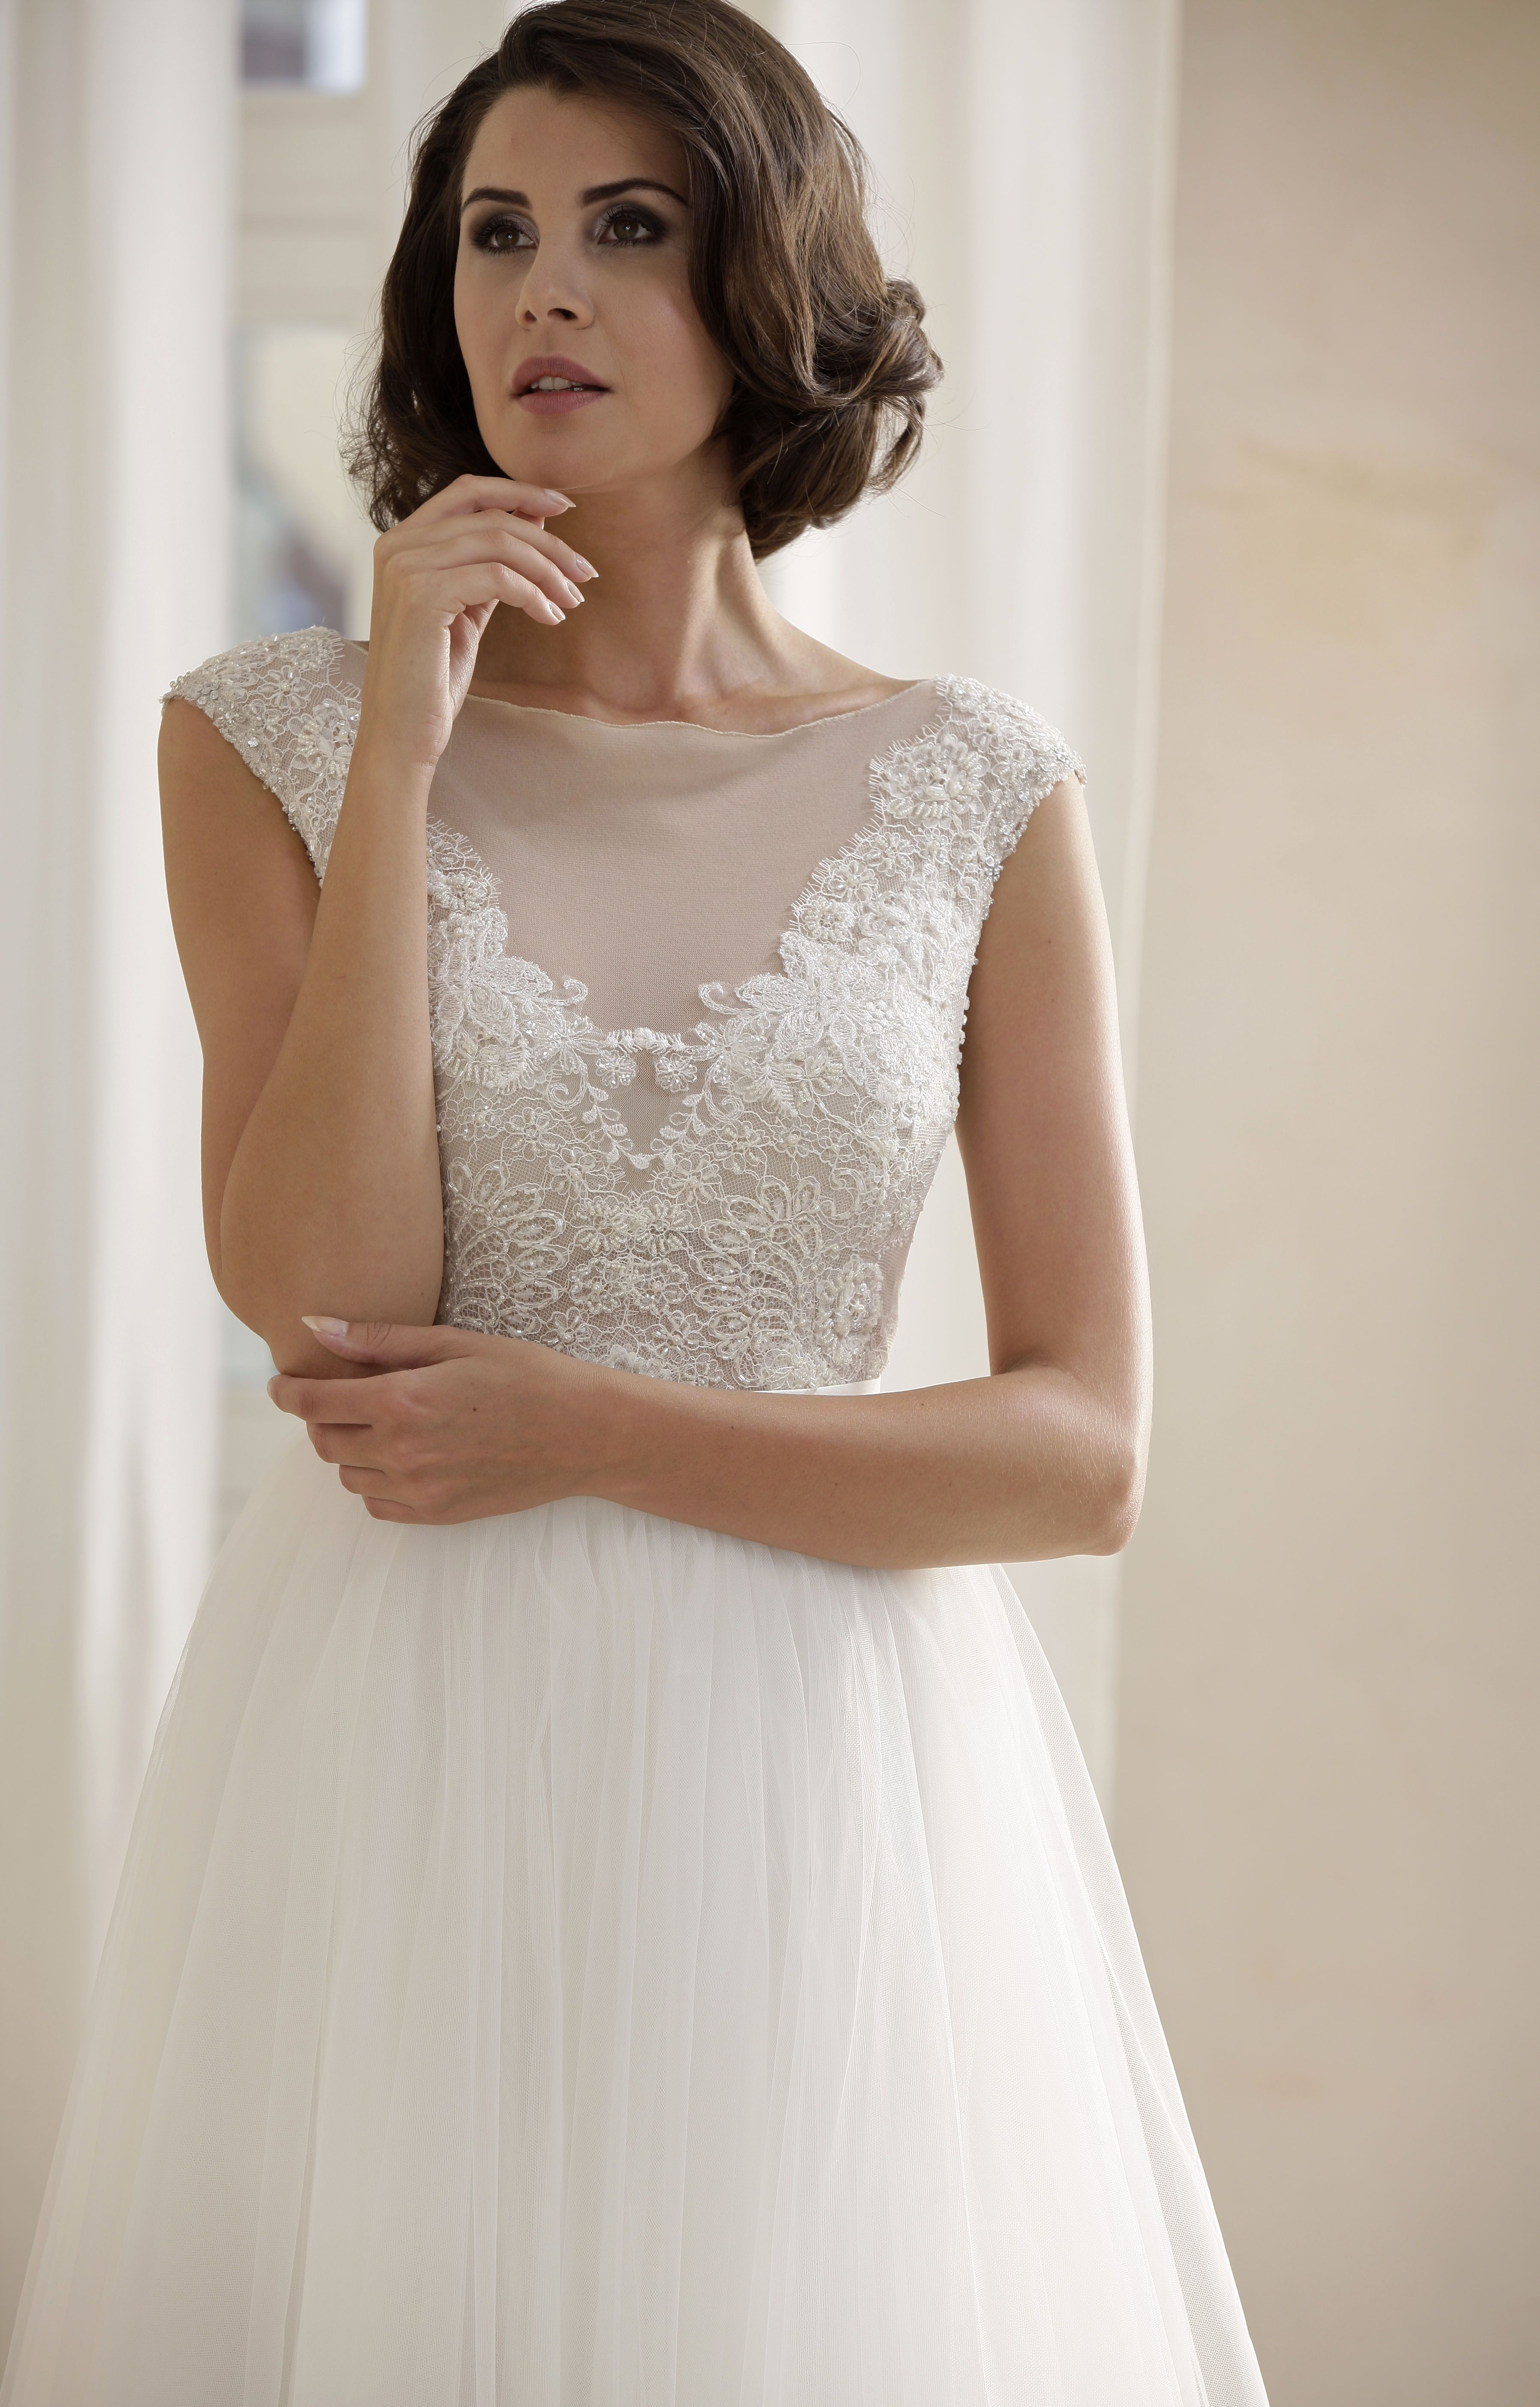 Modell Jolie Mit Tulle Skirt 734 Silk Lace Hochzeitskleider